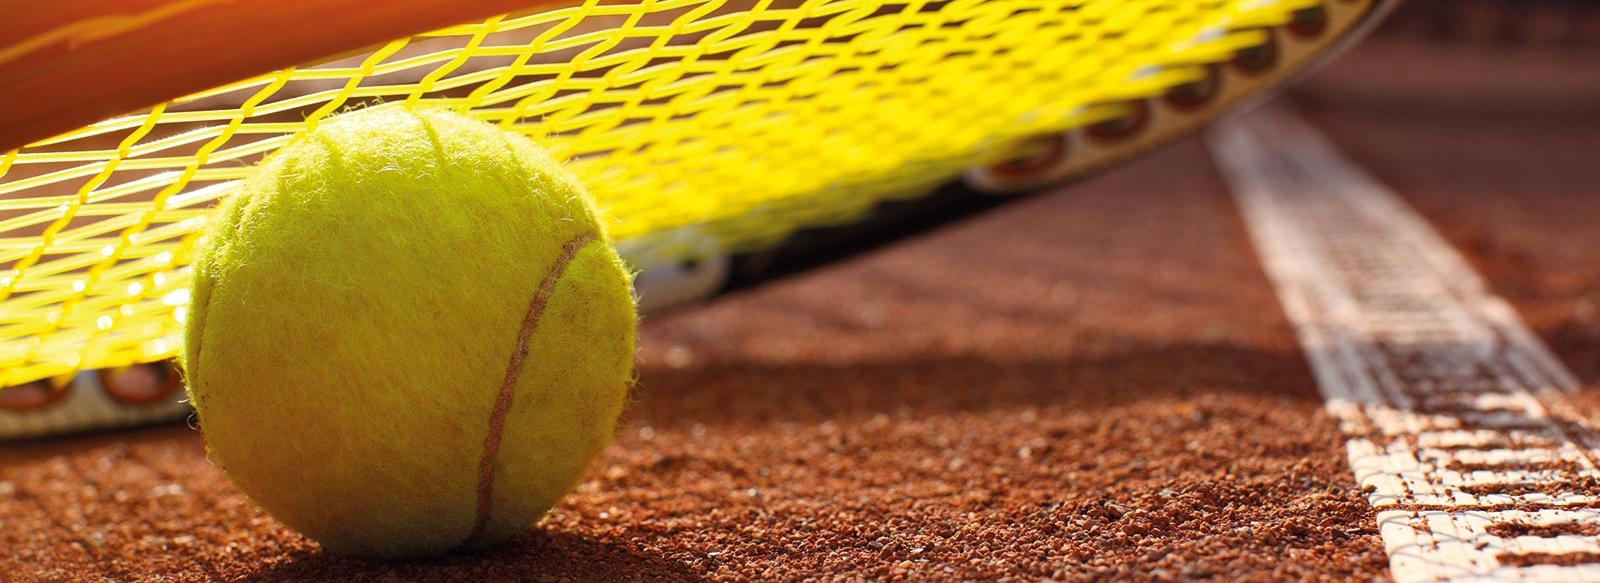 Uno sport, </br>Una passione,</br>Uno <b>stile di vita</b>